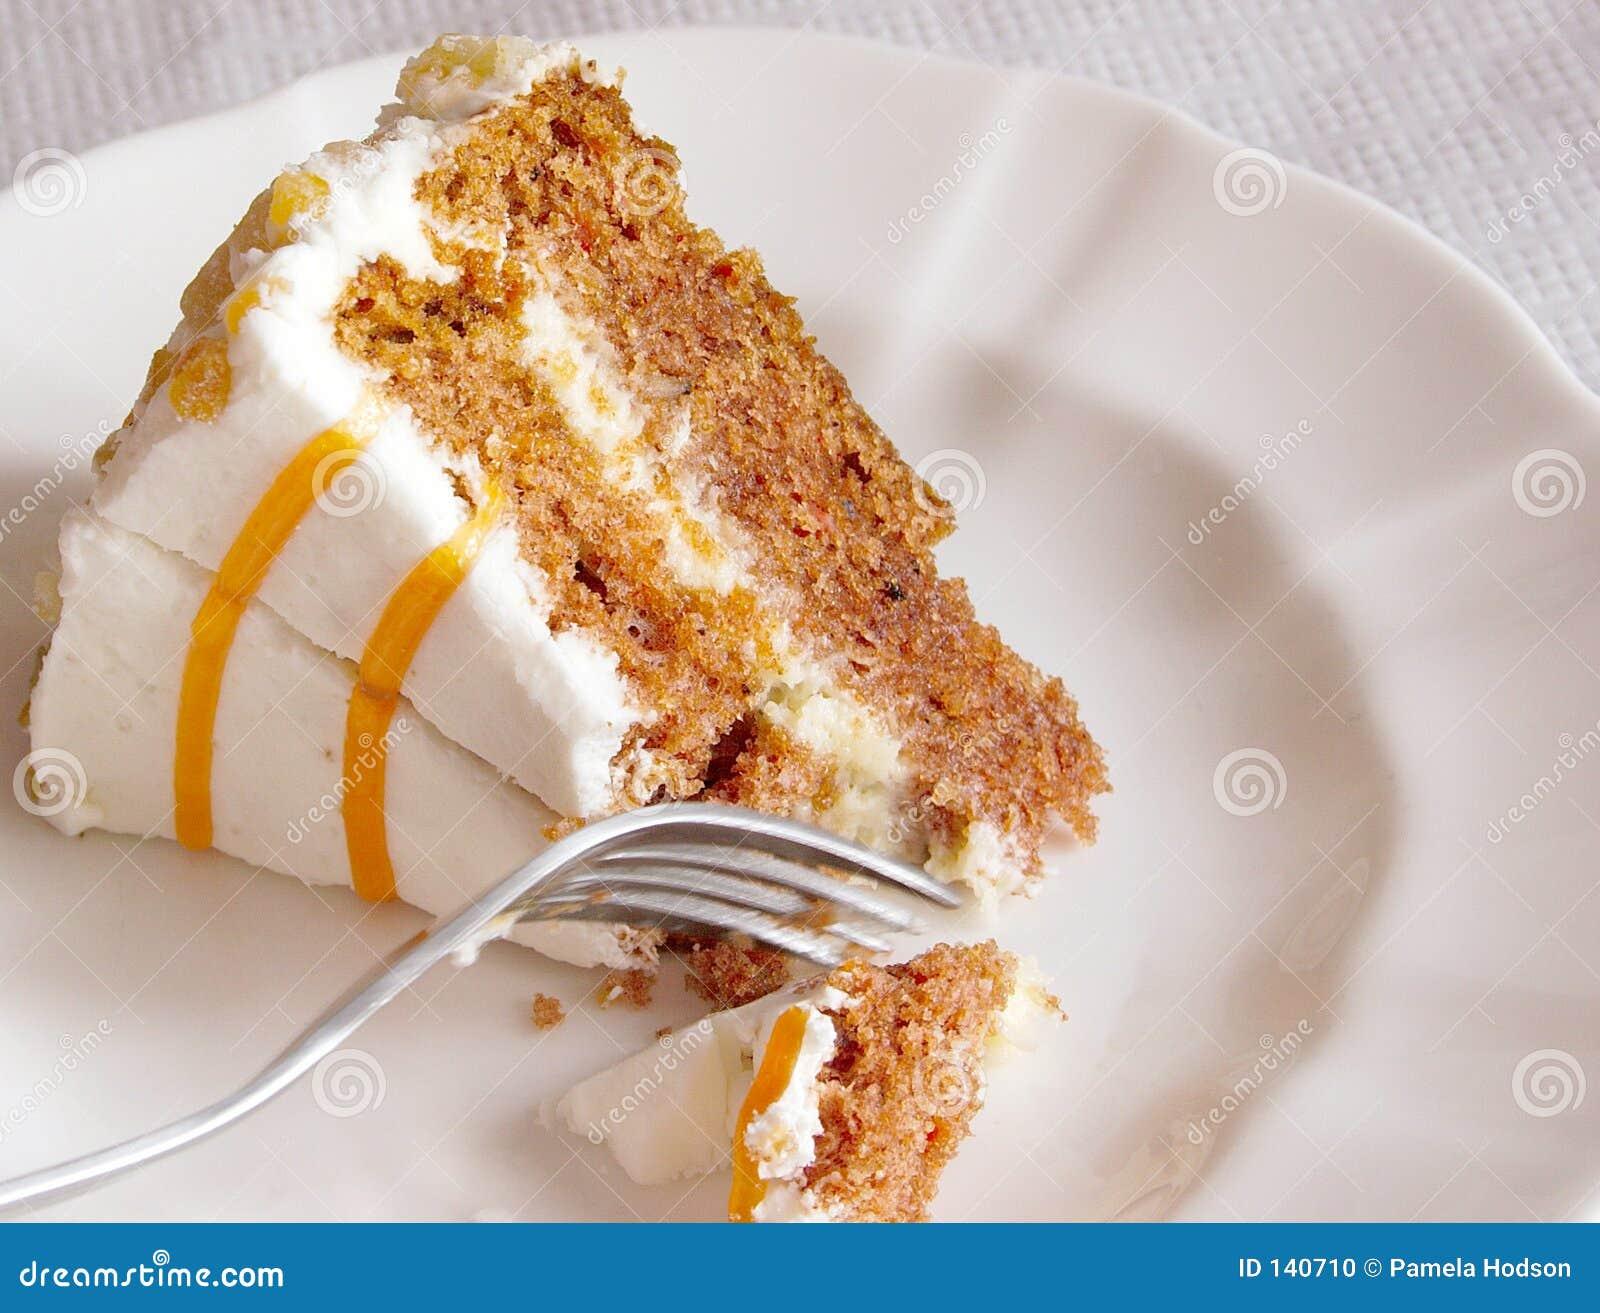 Postre de la torta de zanahoria